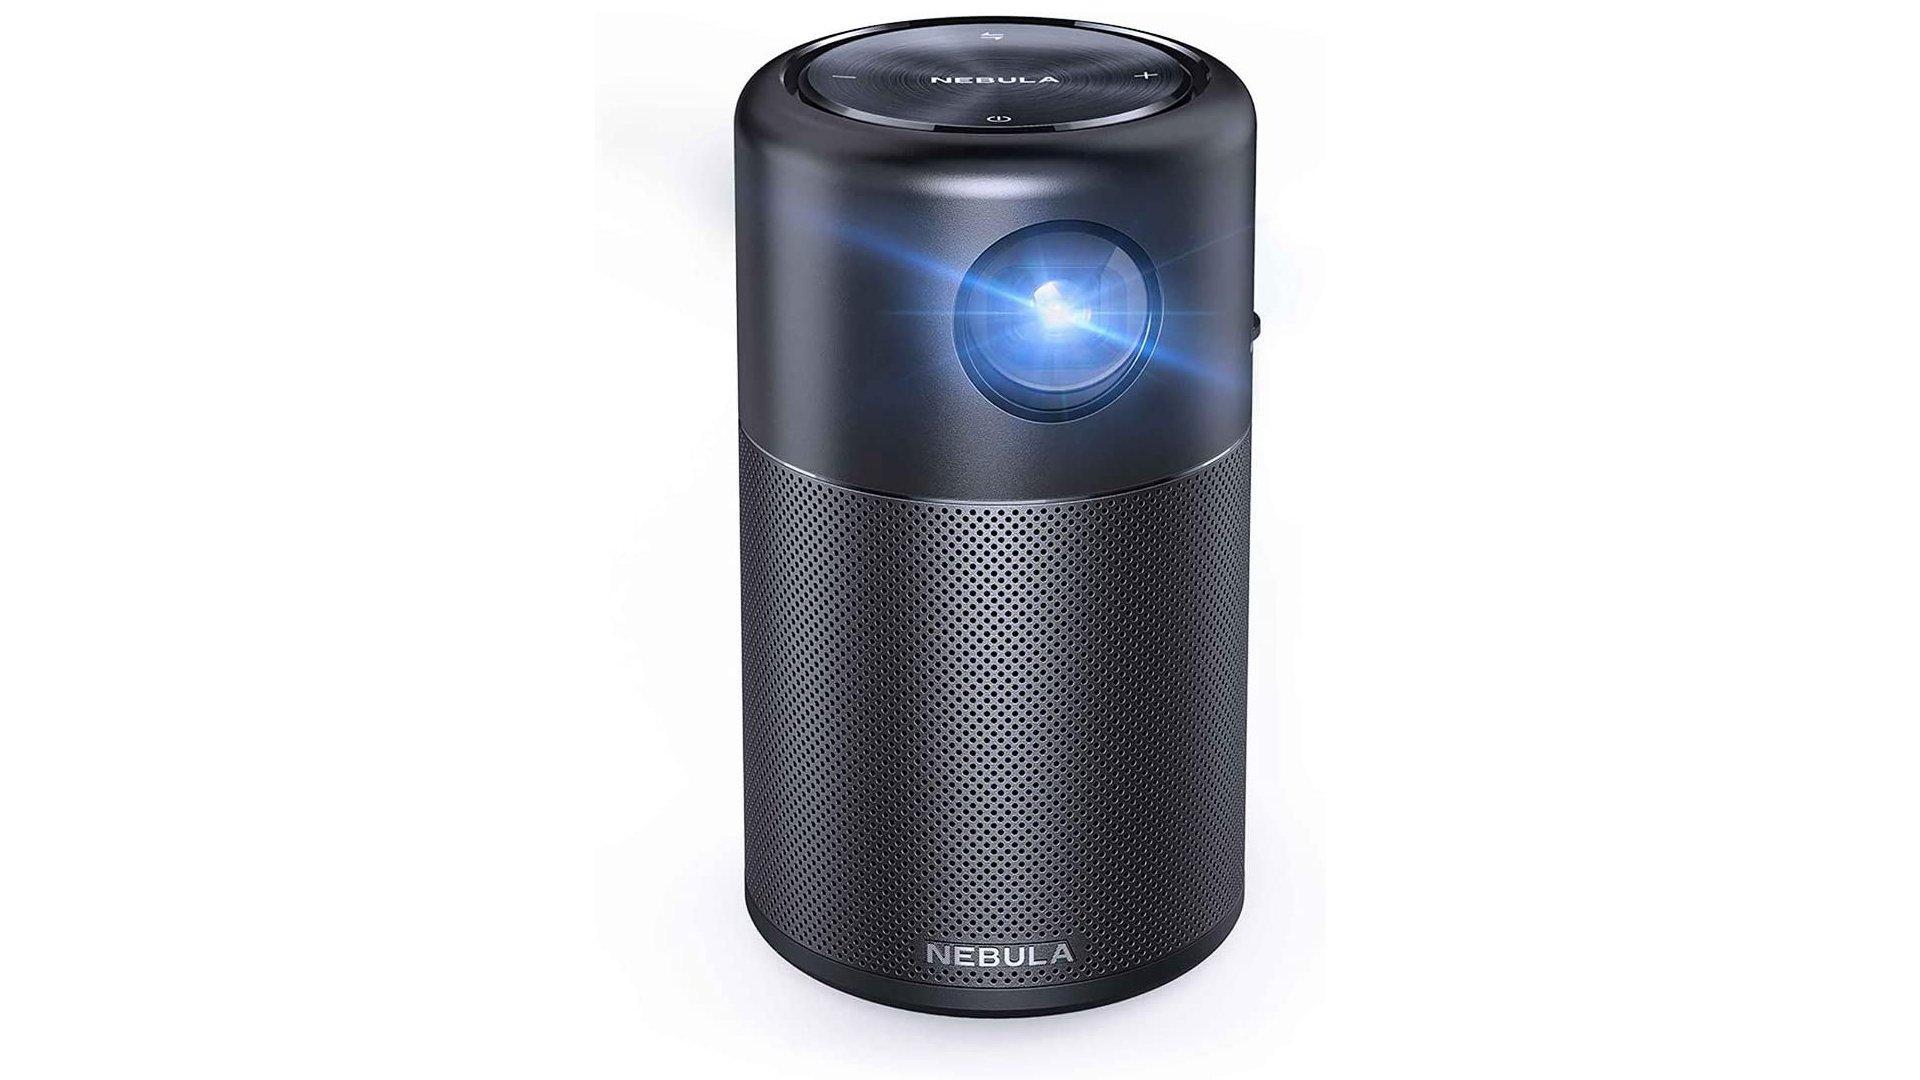 L'Anker Nebula Mini est un mini-projecteur taillé pour les cinémas à la maison.